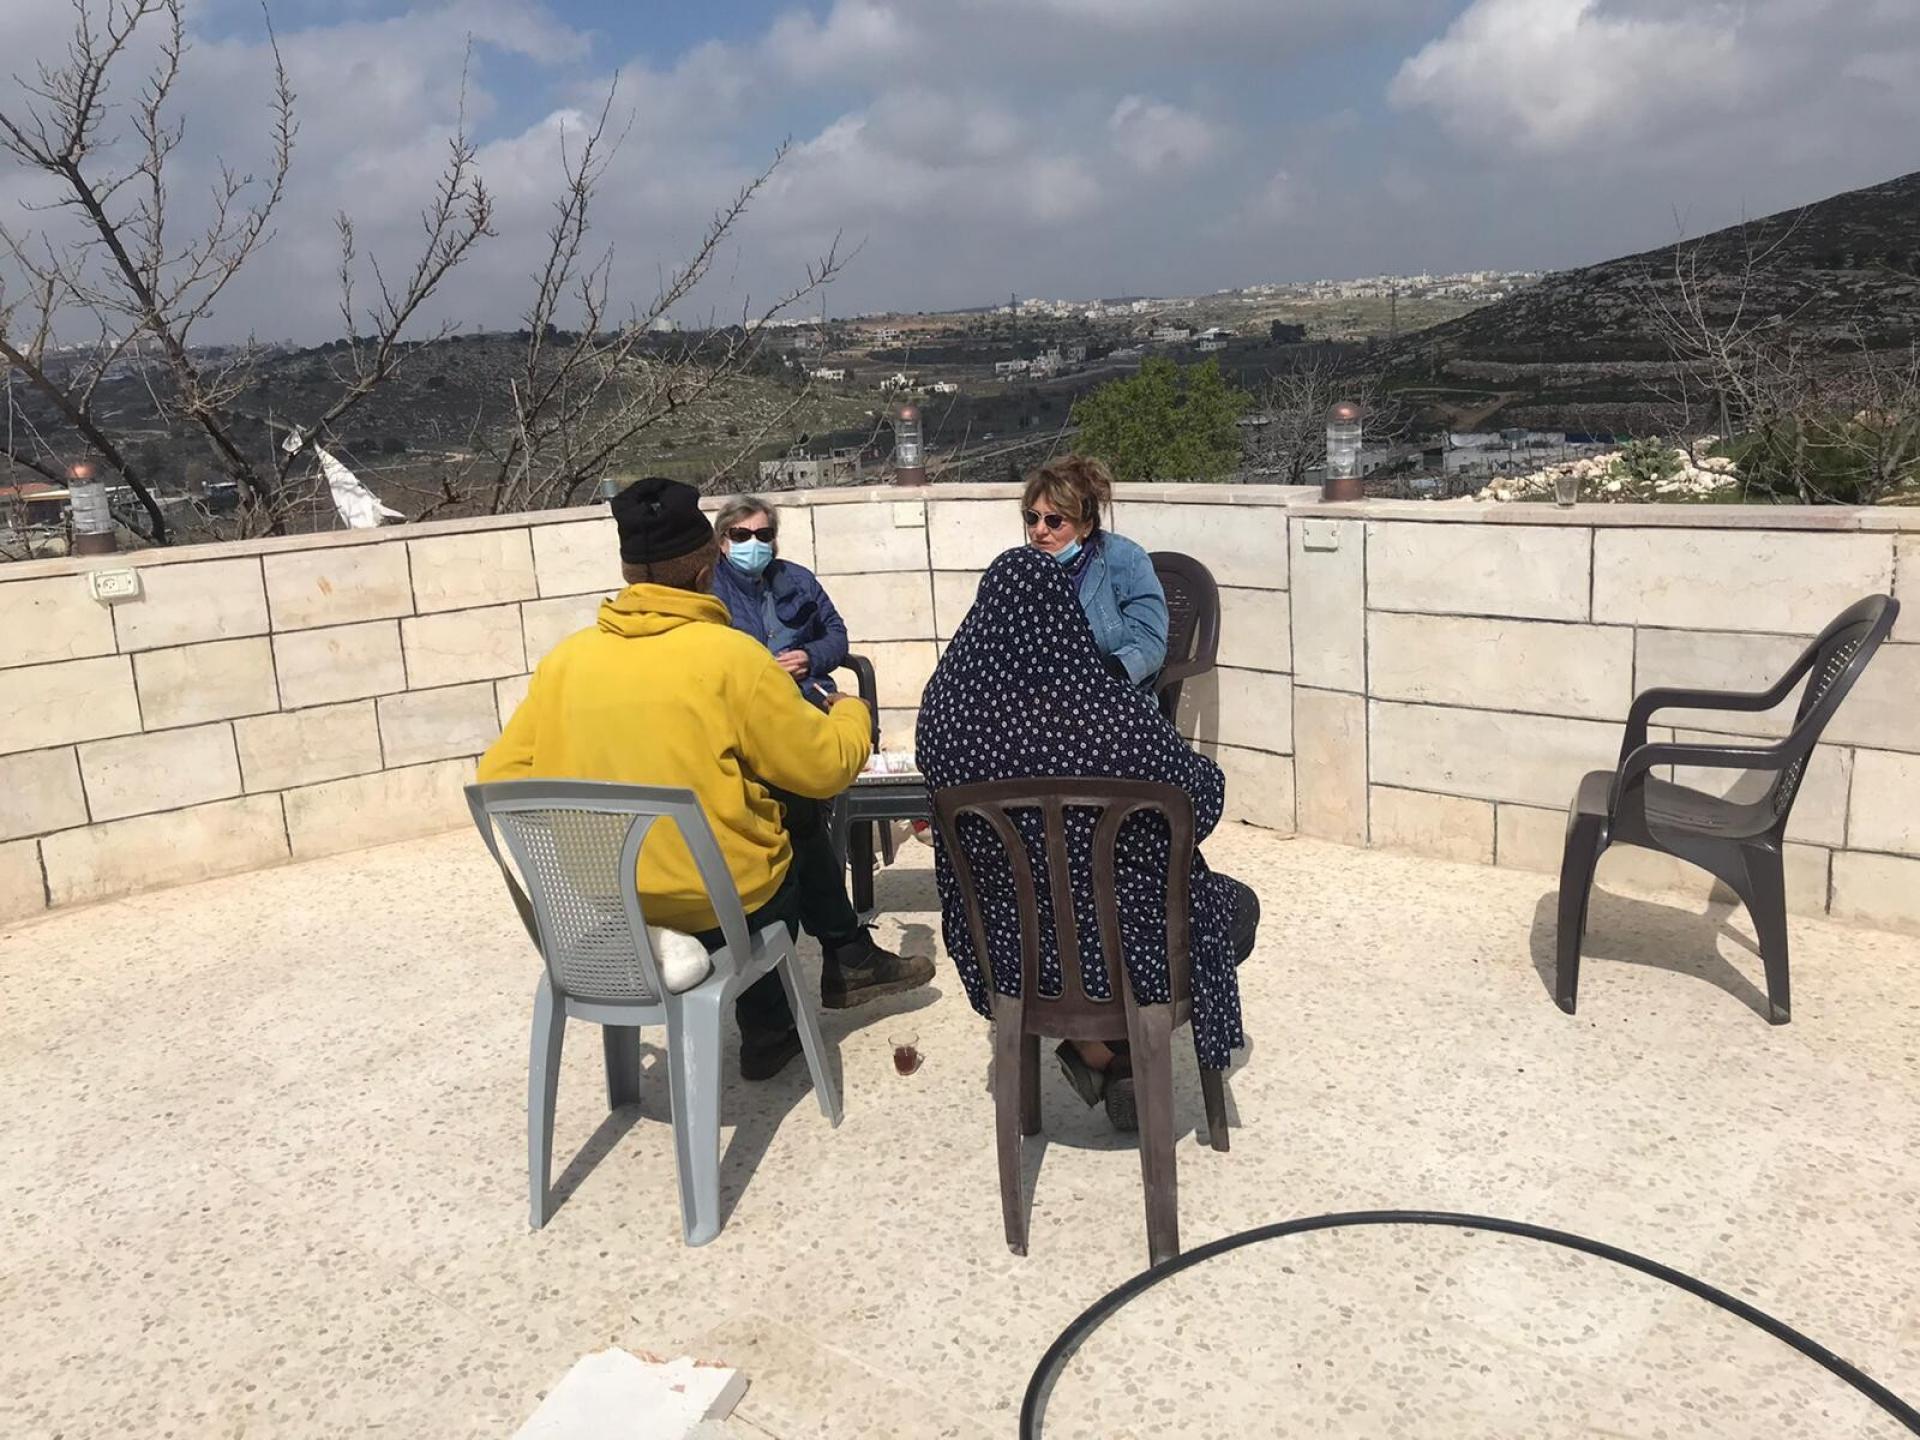 עם עטא וג'יהאן ג'אבר בחצר ביתם